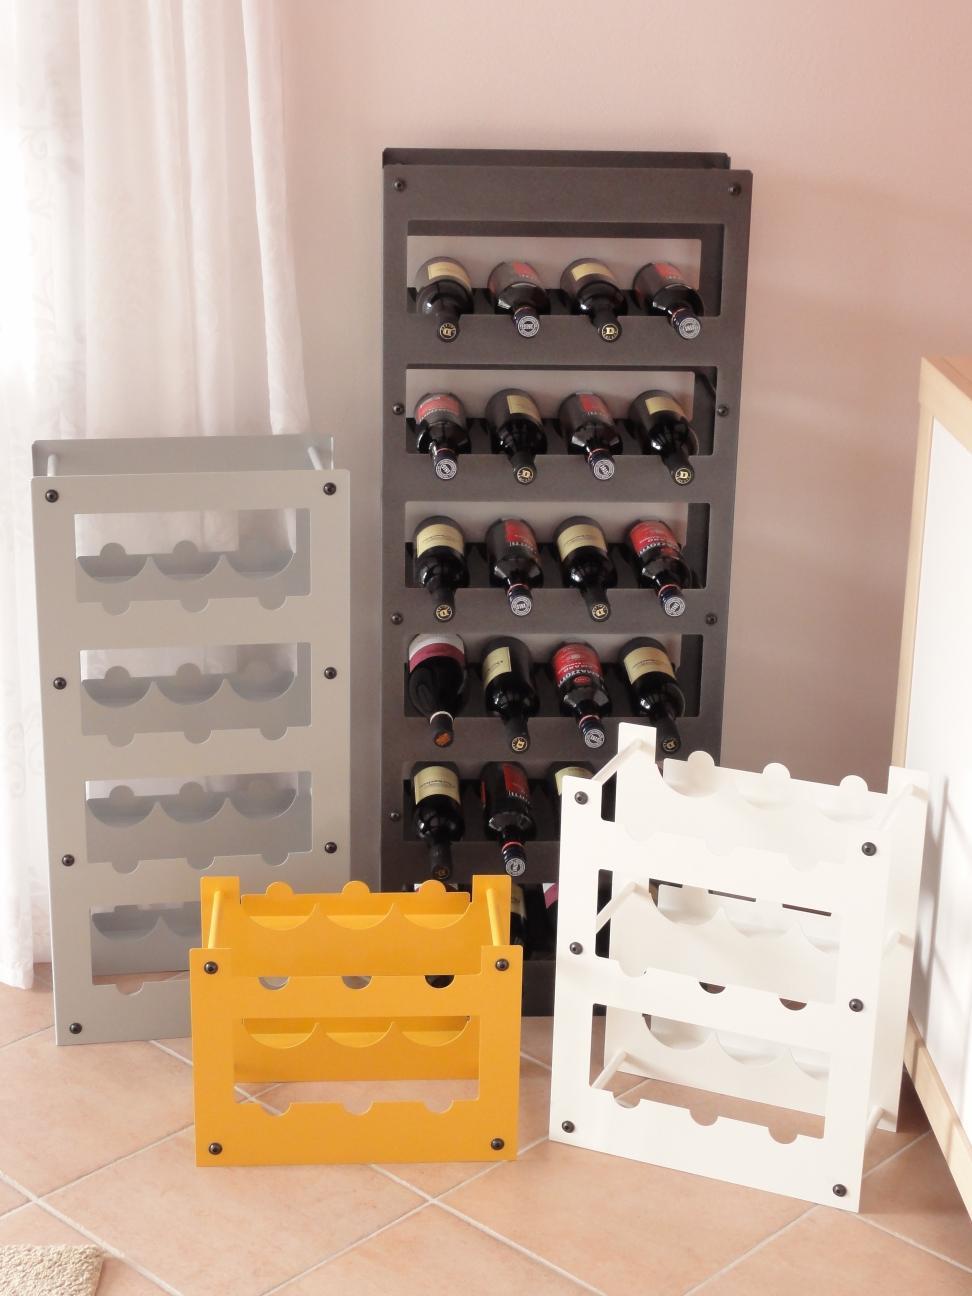 weinregal f r 24 flaschen aus metall design h nge regal. Black Bedroom Furniture Sets. Home Design Ideas